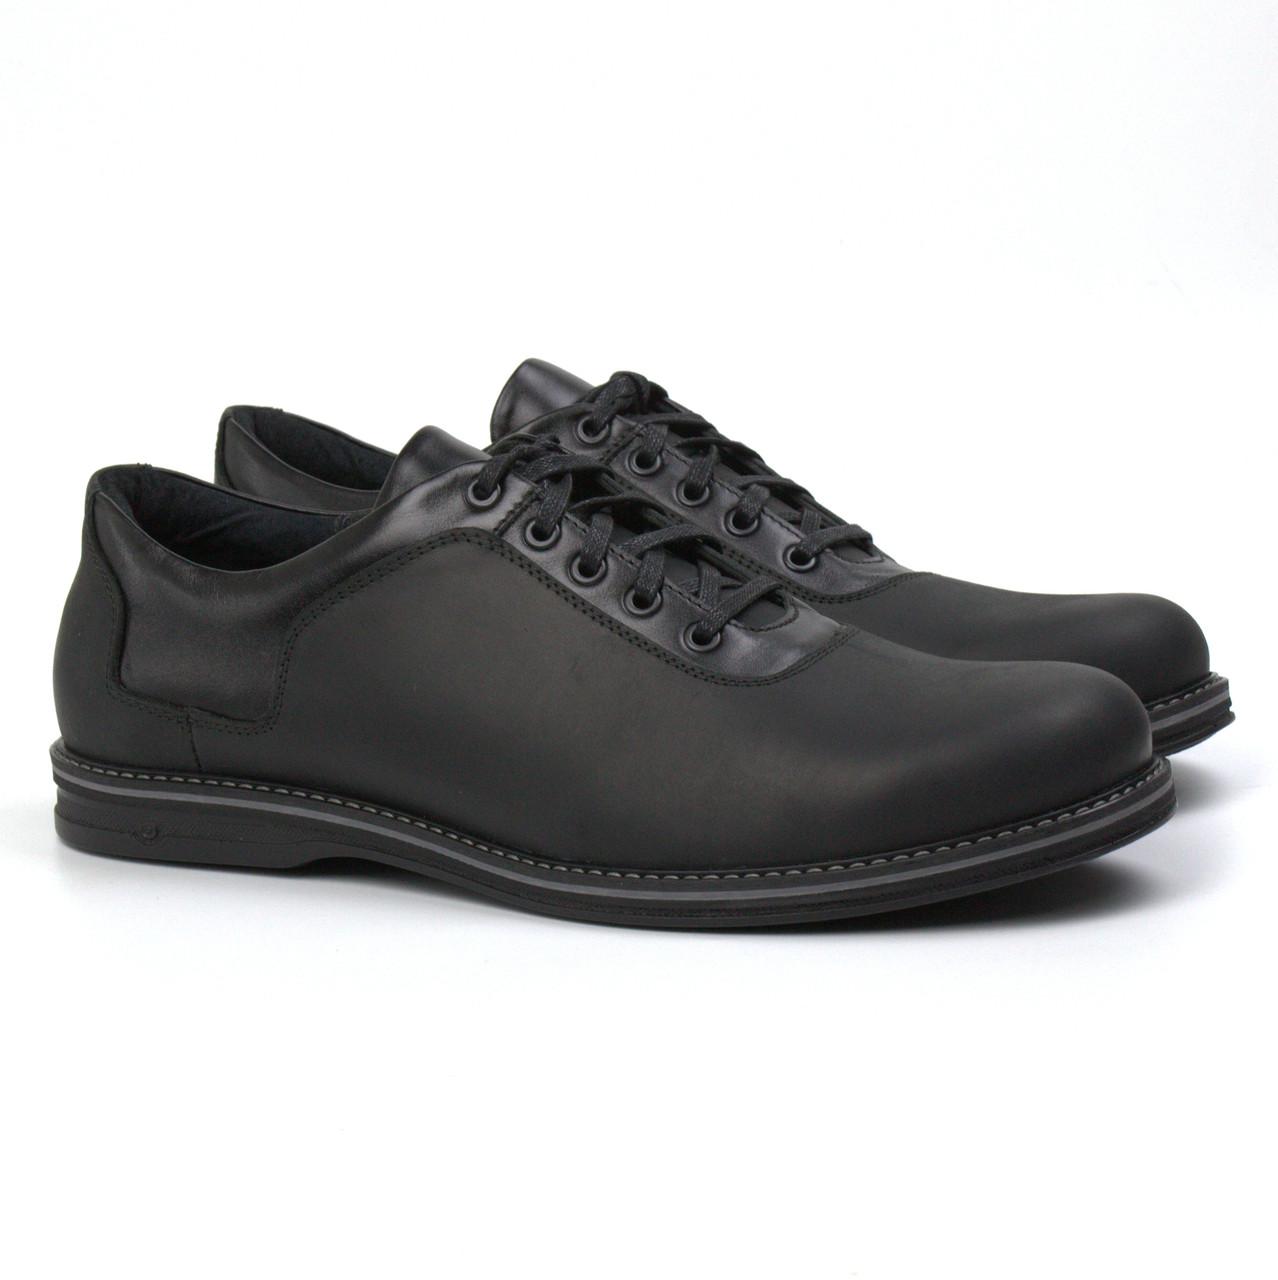 Мужская обувь больших размеров полу ботинки демисезонные кожаные черные Rosso Avangard BS Prince Black Crazy